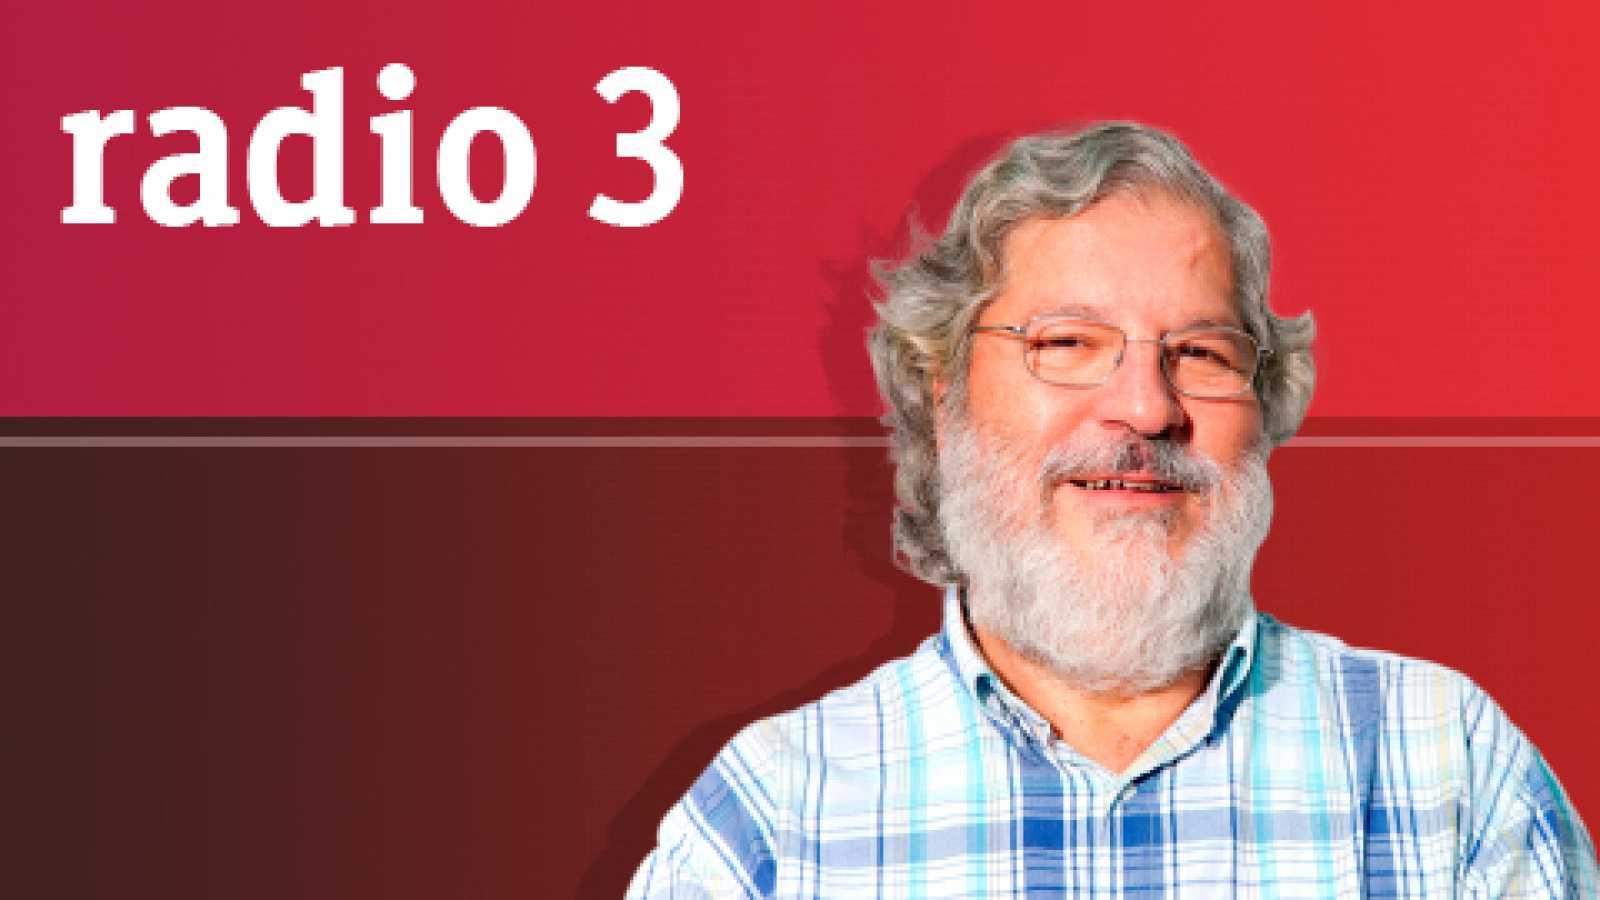 Discópolis 10.869 - Sesiones tesoro RNE: 47 Cecilia 1975 - 21/02/20 - escuchar ahora